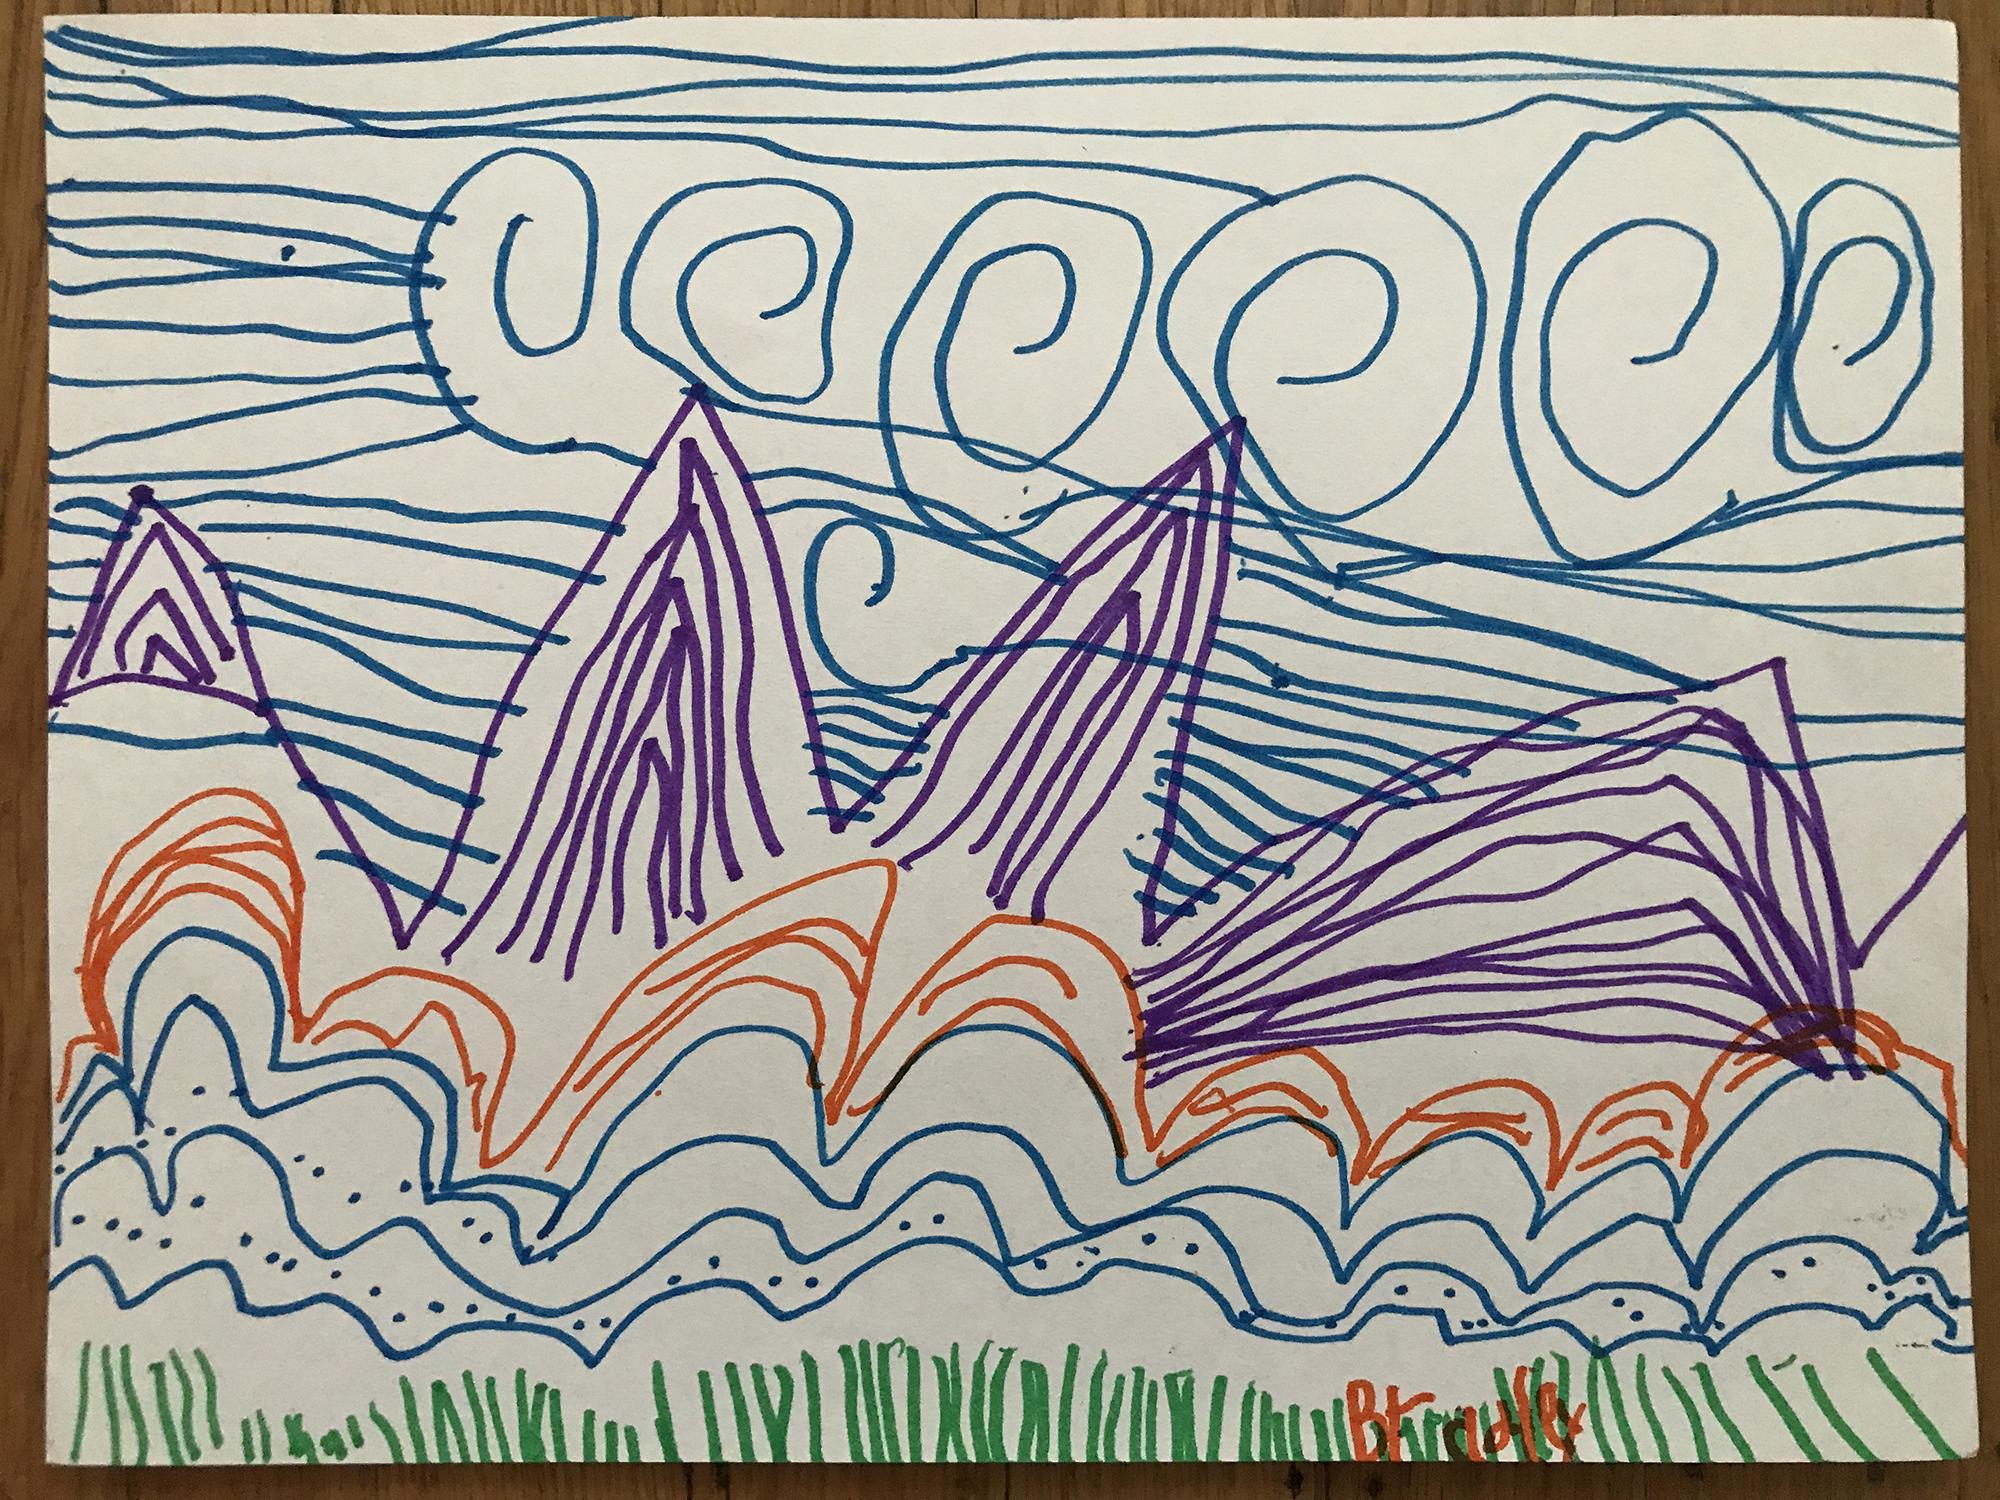 1st. Bradley Ku, Landscape